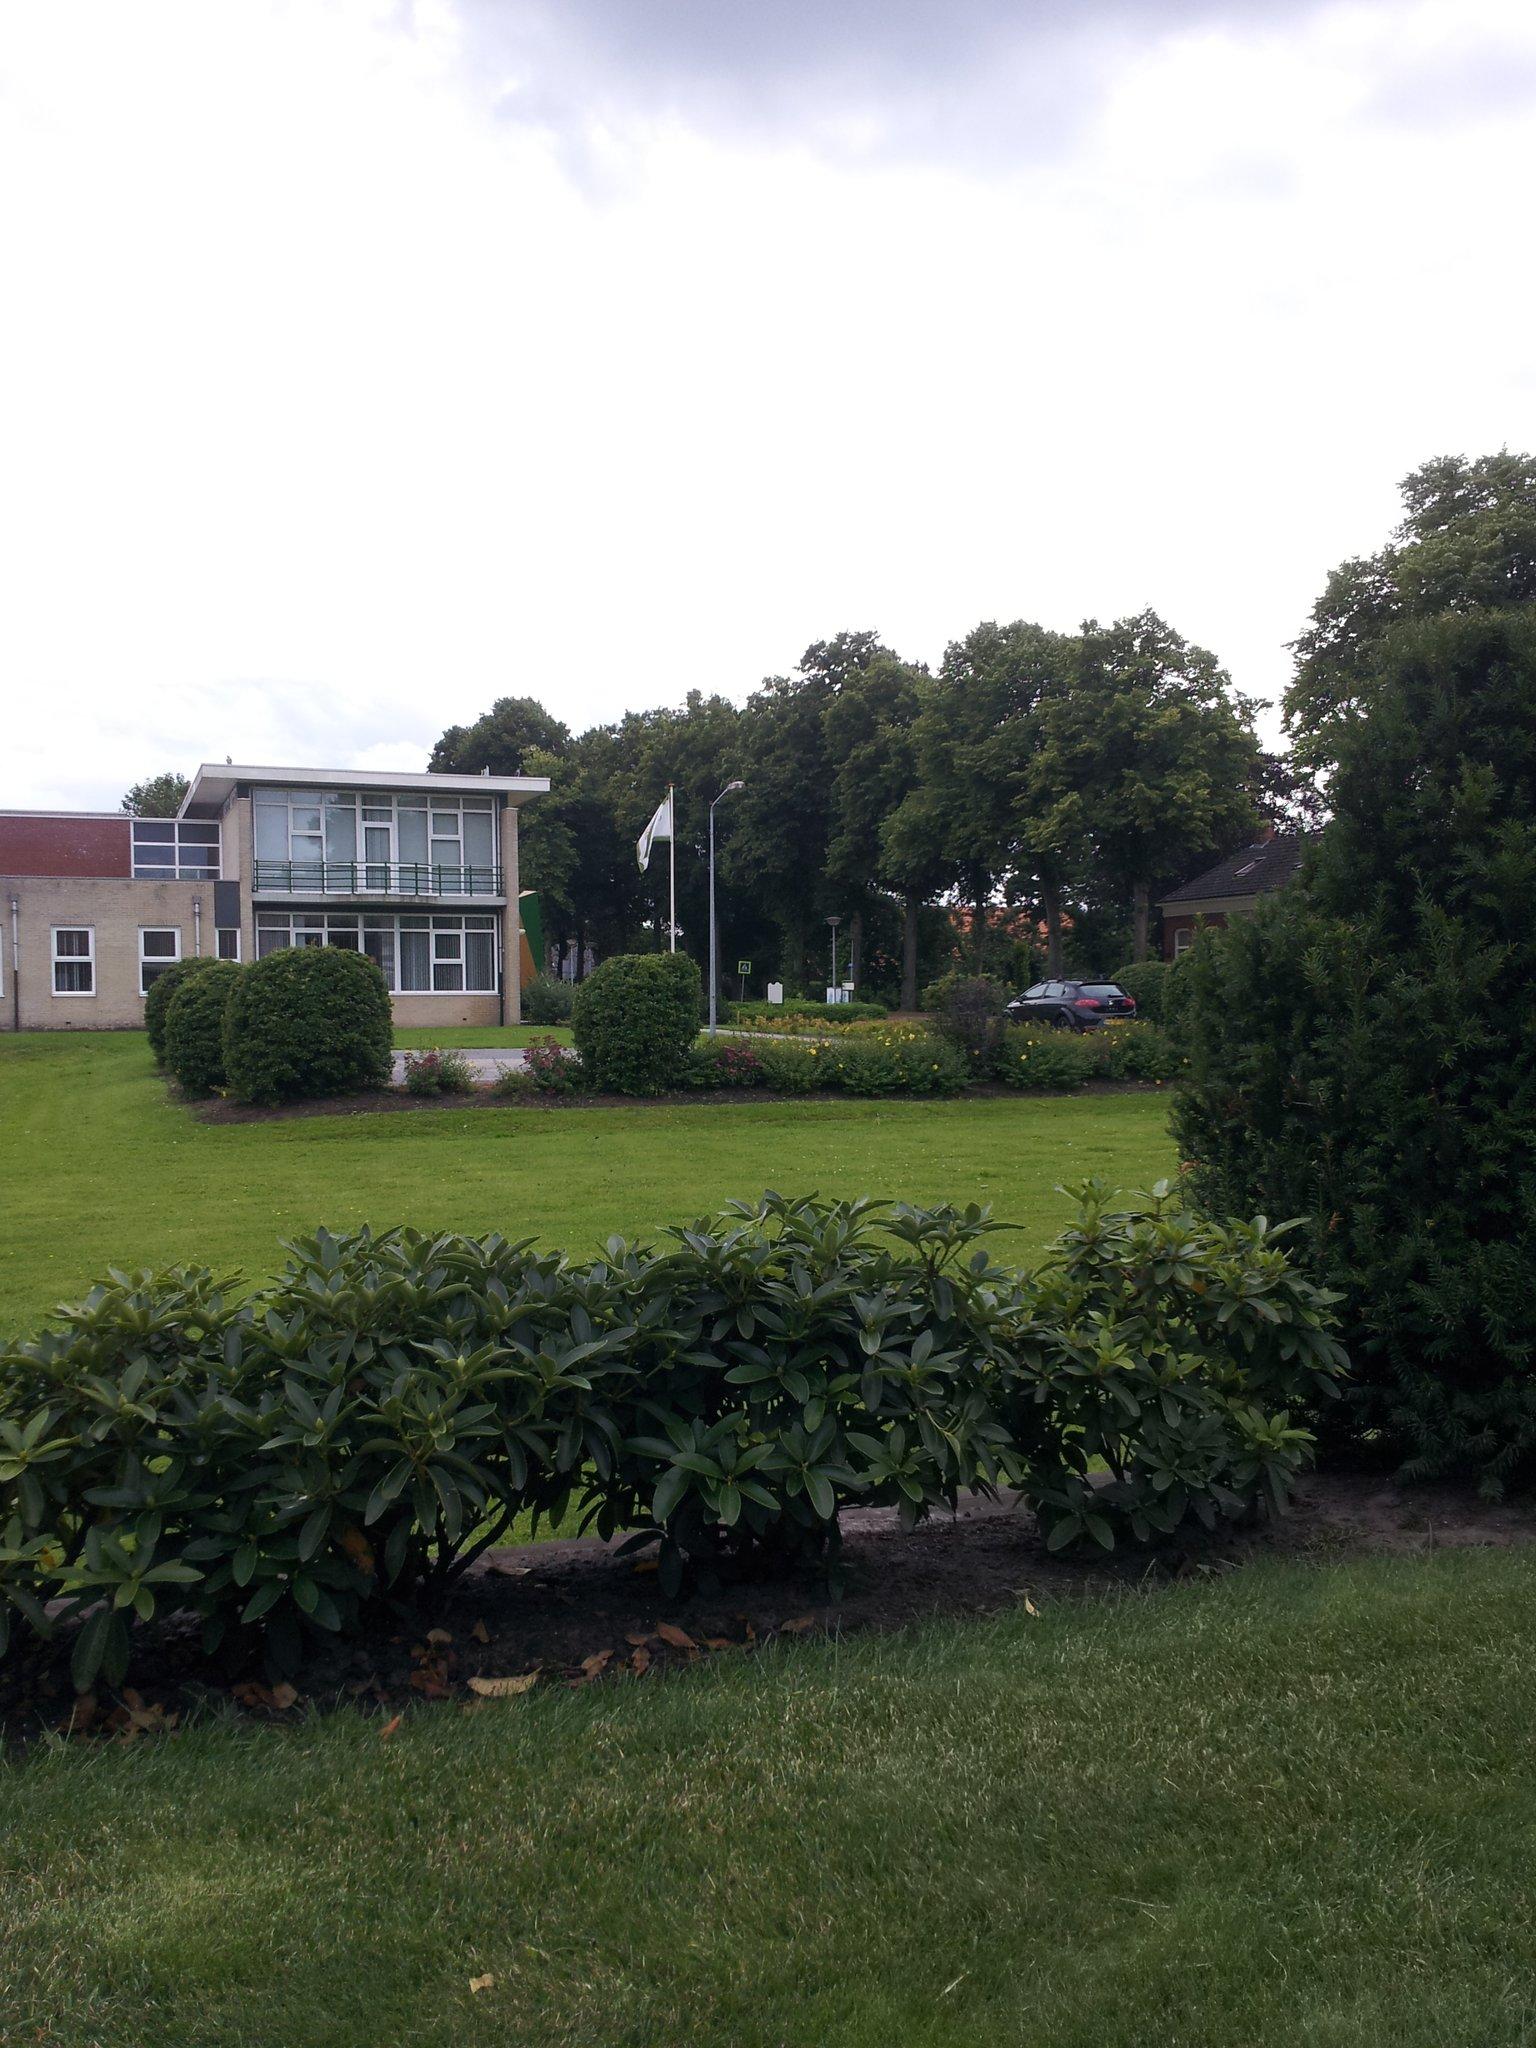 Lagere school is zo uit ga kijken #losers #xD http://t.co/nmBod6HC